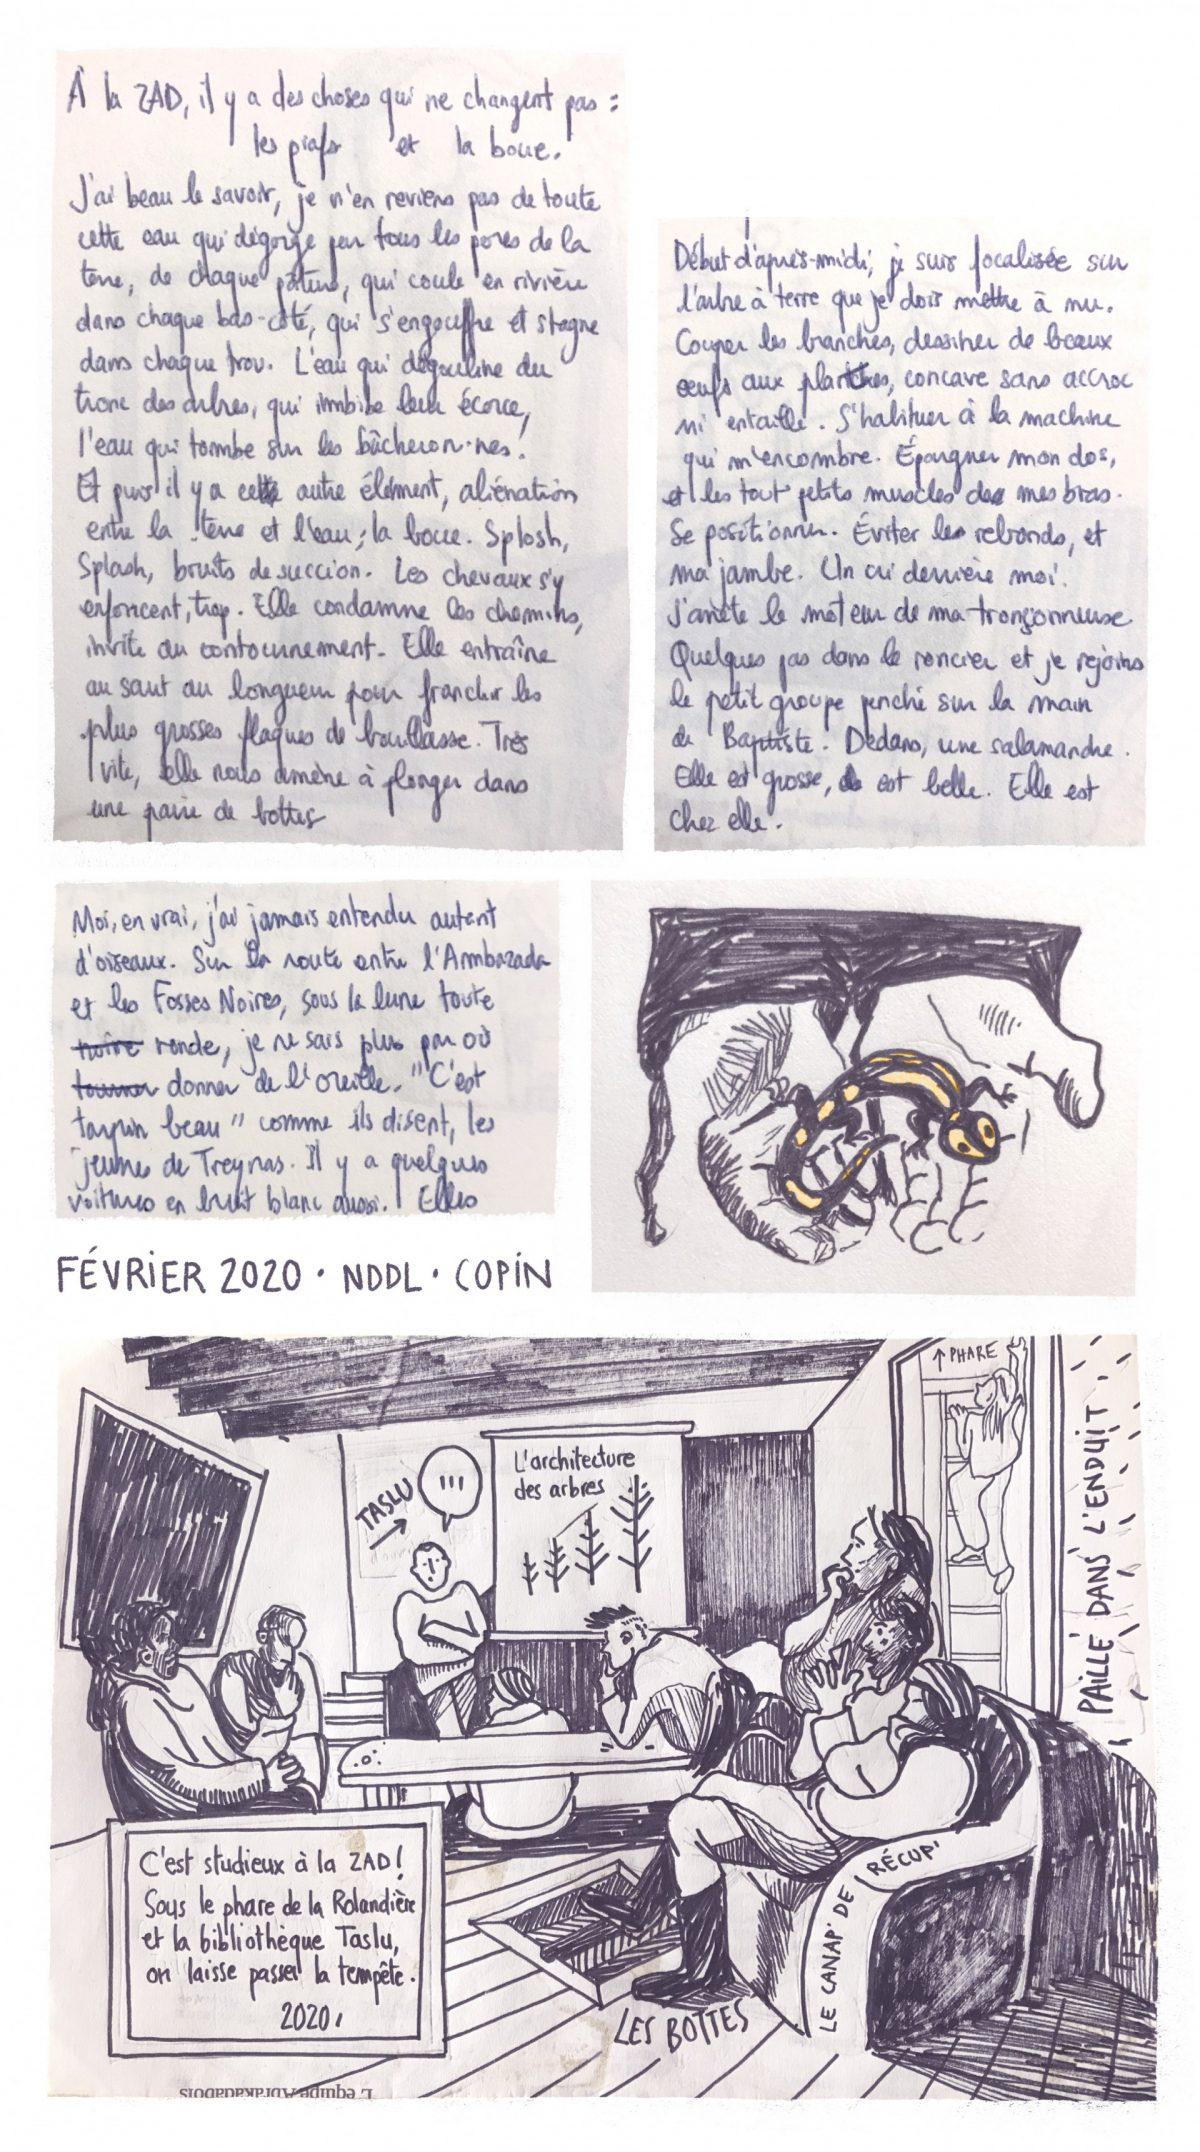 ZAD Notre-Dame-des-Landes, carnet sur un chantier école, copin des bois